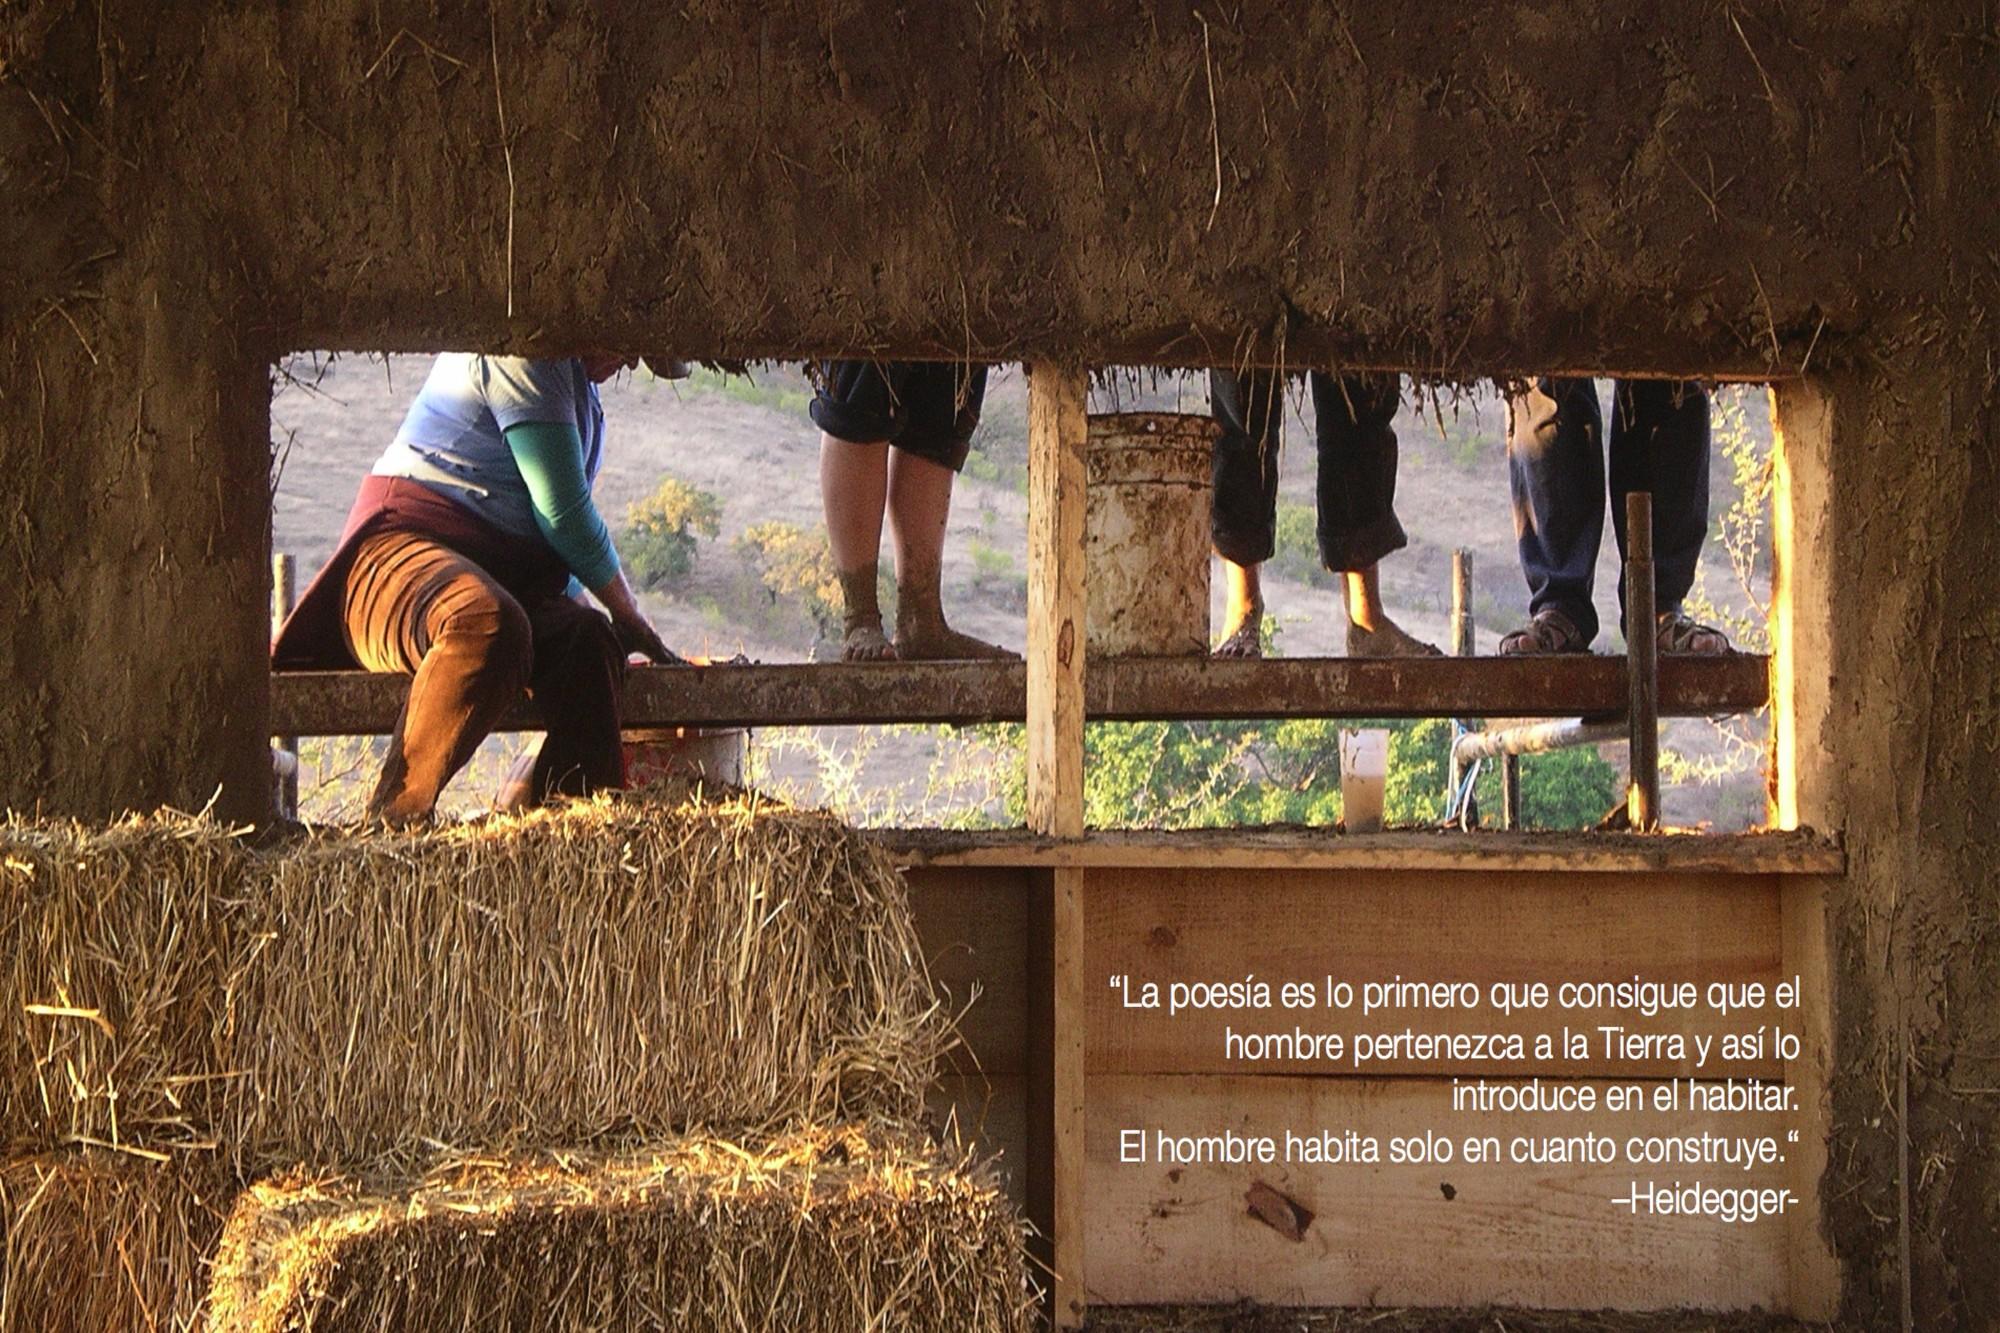 Arquitectura mexicana, social y sustentable por Laboratorio Arquitectura Básica Mx